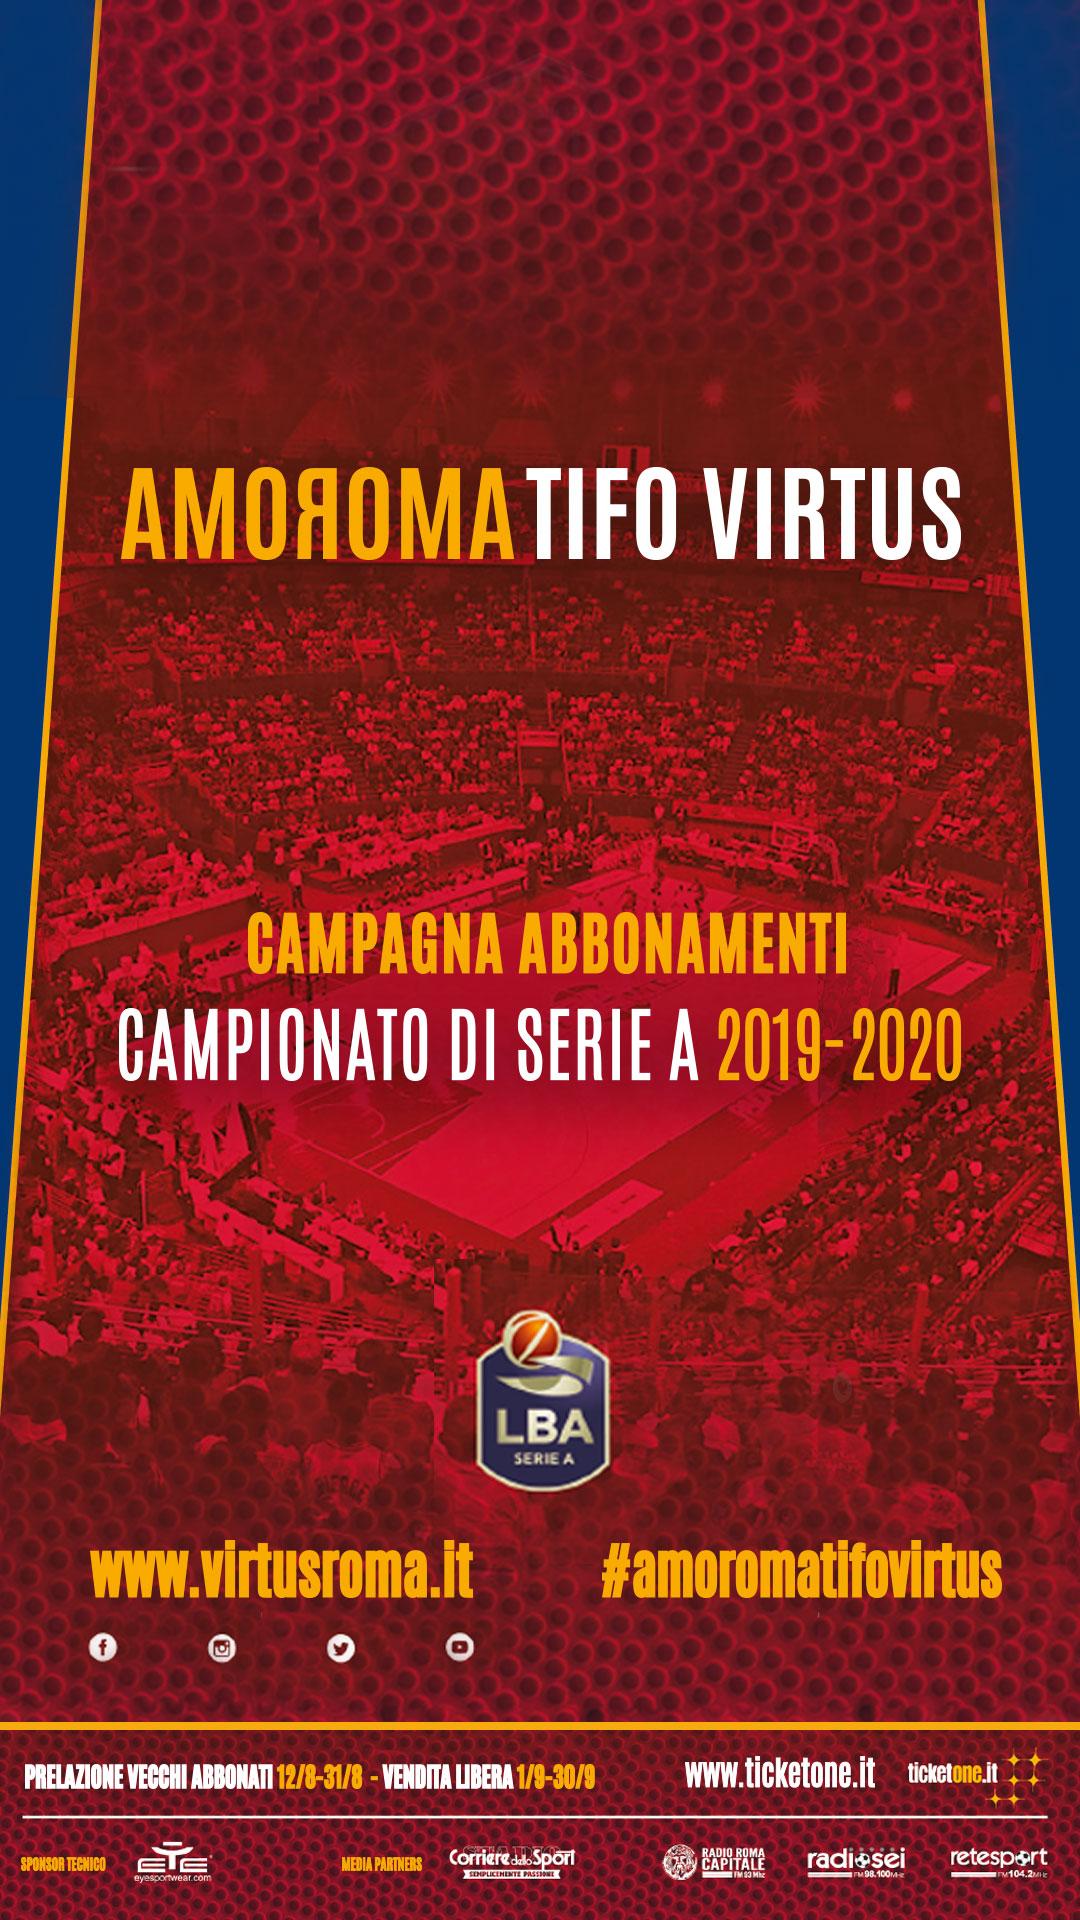 Tutto Il Calendario Serie A.Virtus Roma Official Website Virtusisback